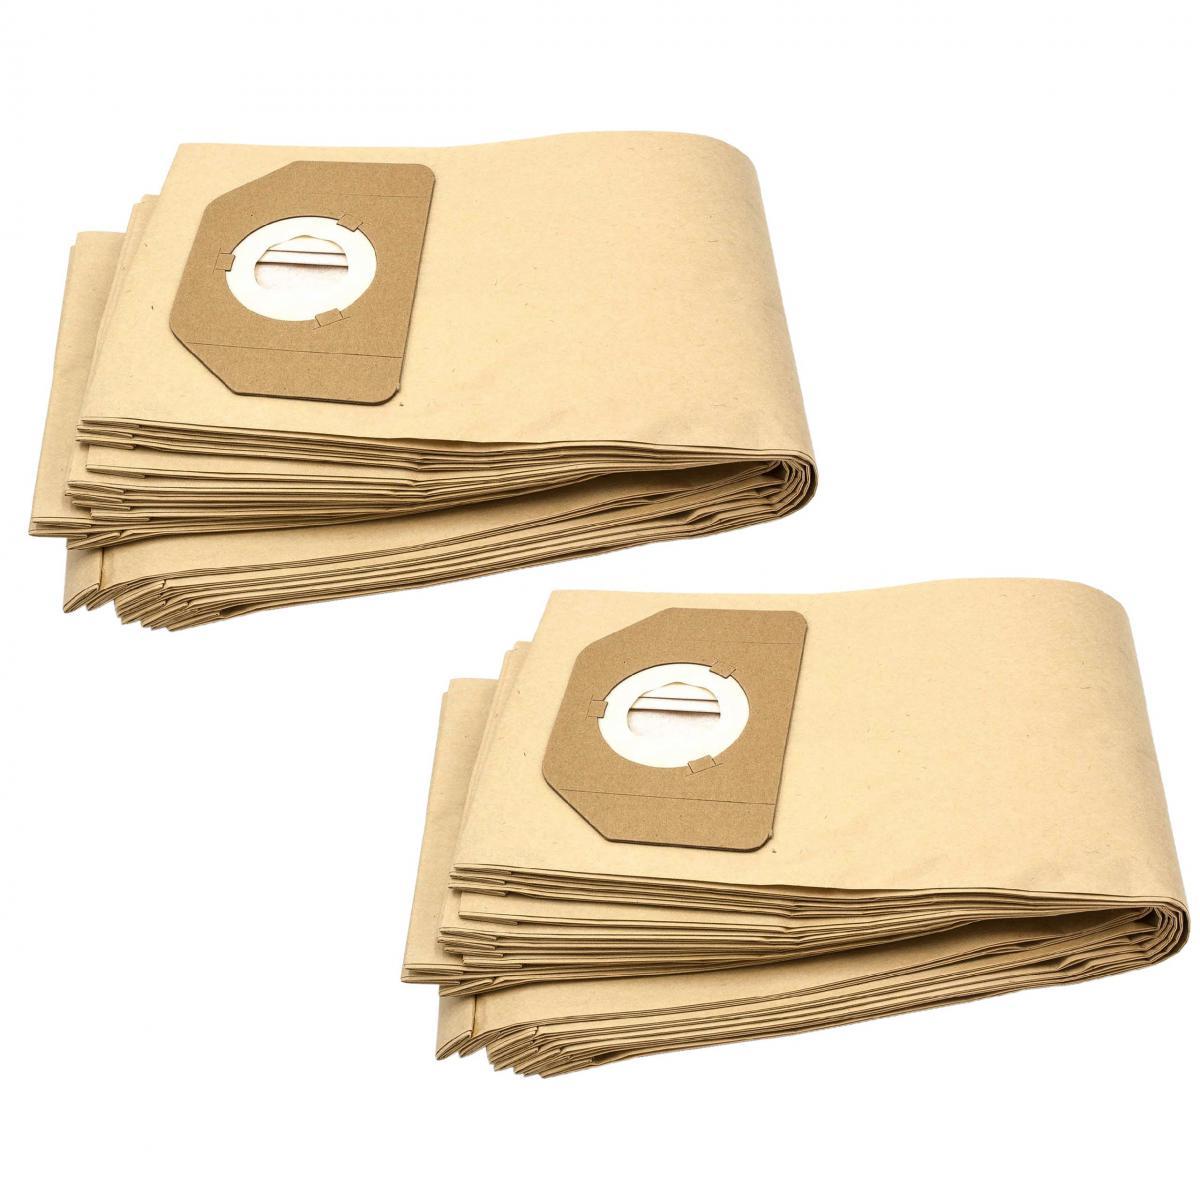 Vhbw vhbw 20x sacs compatible avec Rowenta RU 30-46, RU 461, RU 520 S, RU 521, Vorace, ZR 80, ZR 804 aspirateur - papier, mar